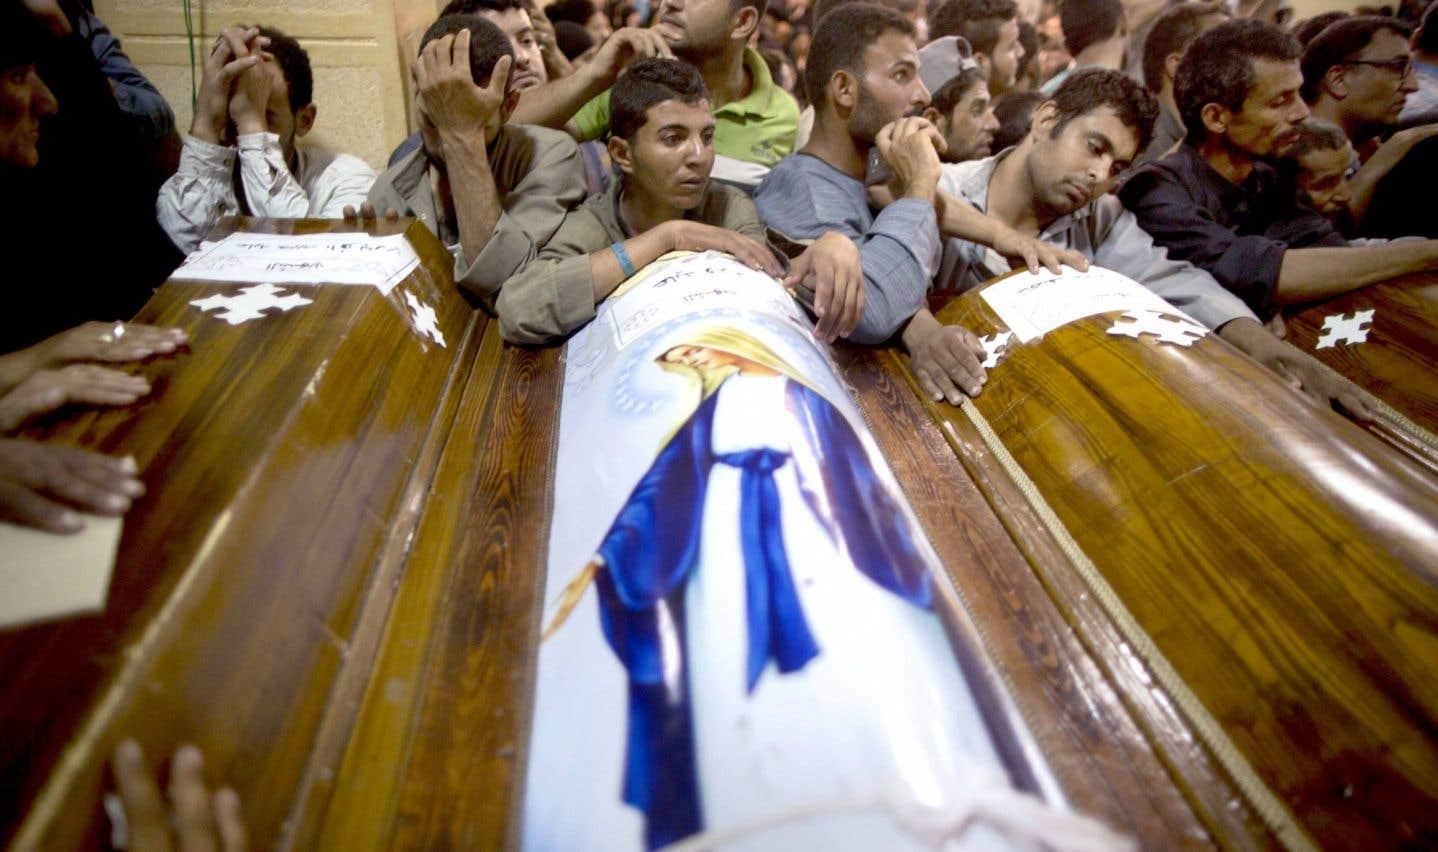 En Égypte, des Coptes massacrés dans leur bus